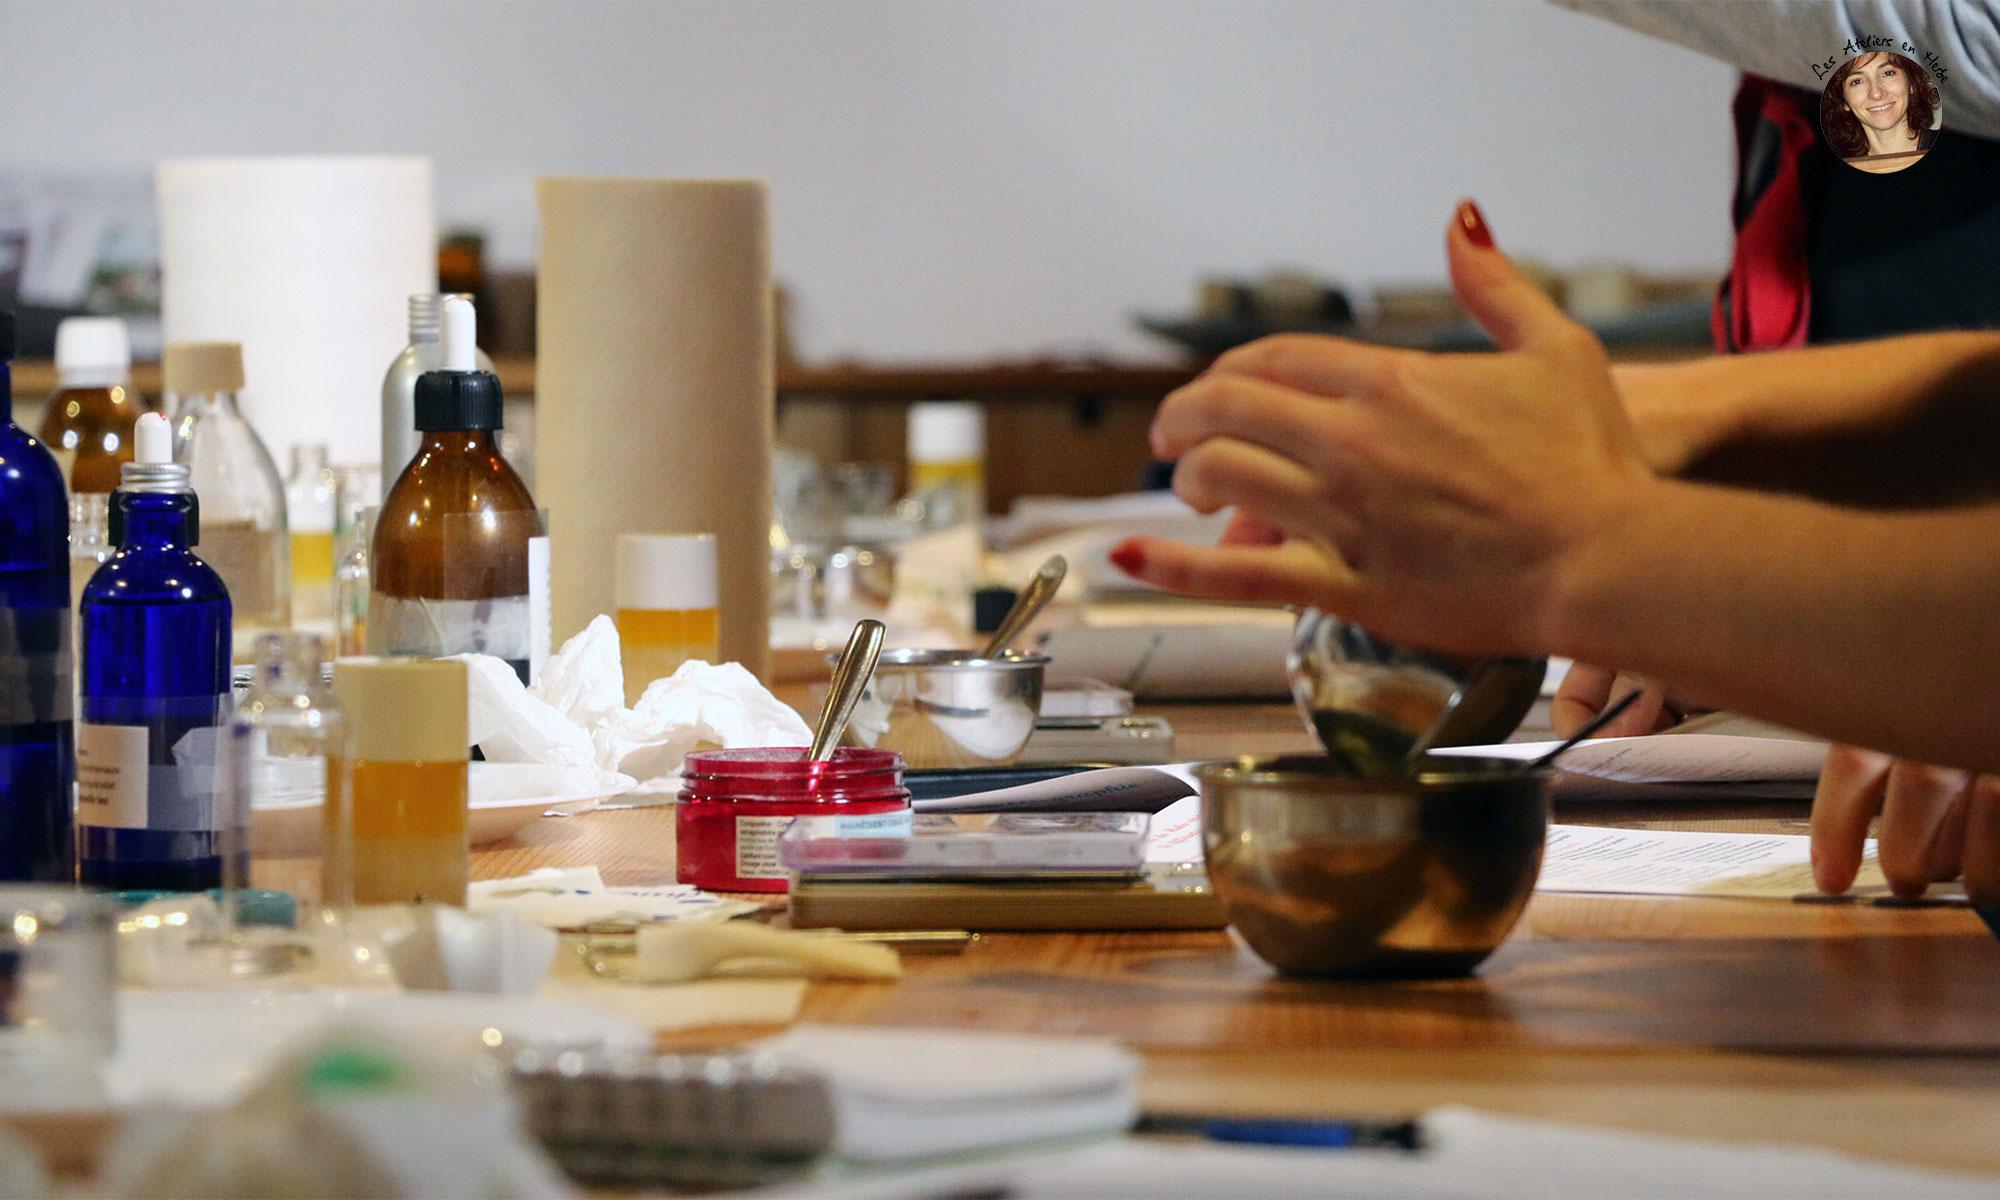 Atelier de fabrication de produits phytocosmétique - Les Ateliers en Herbe.